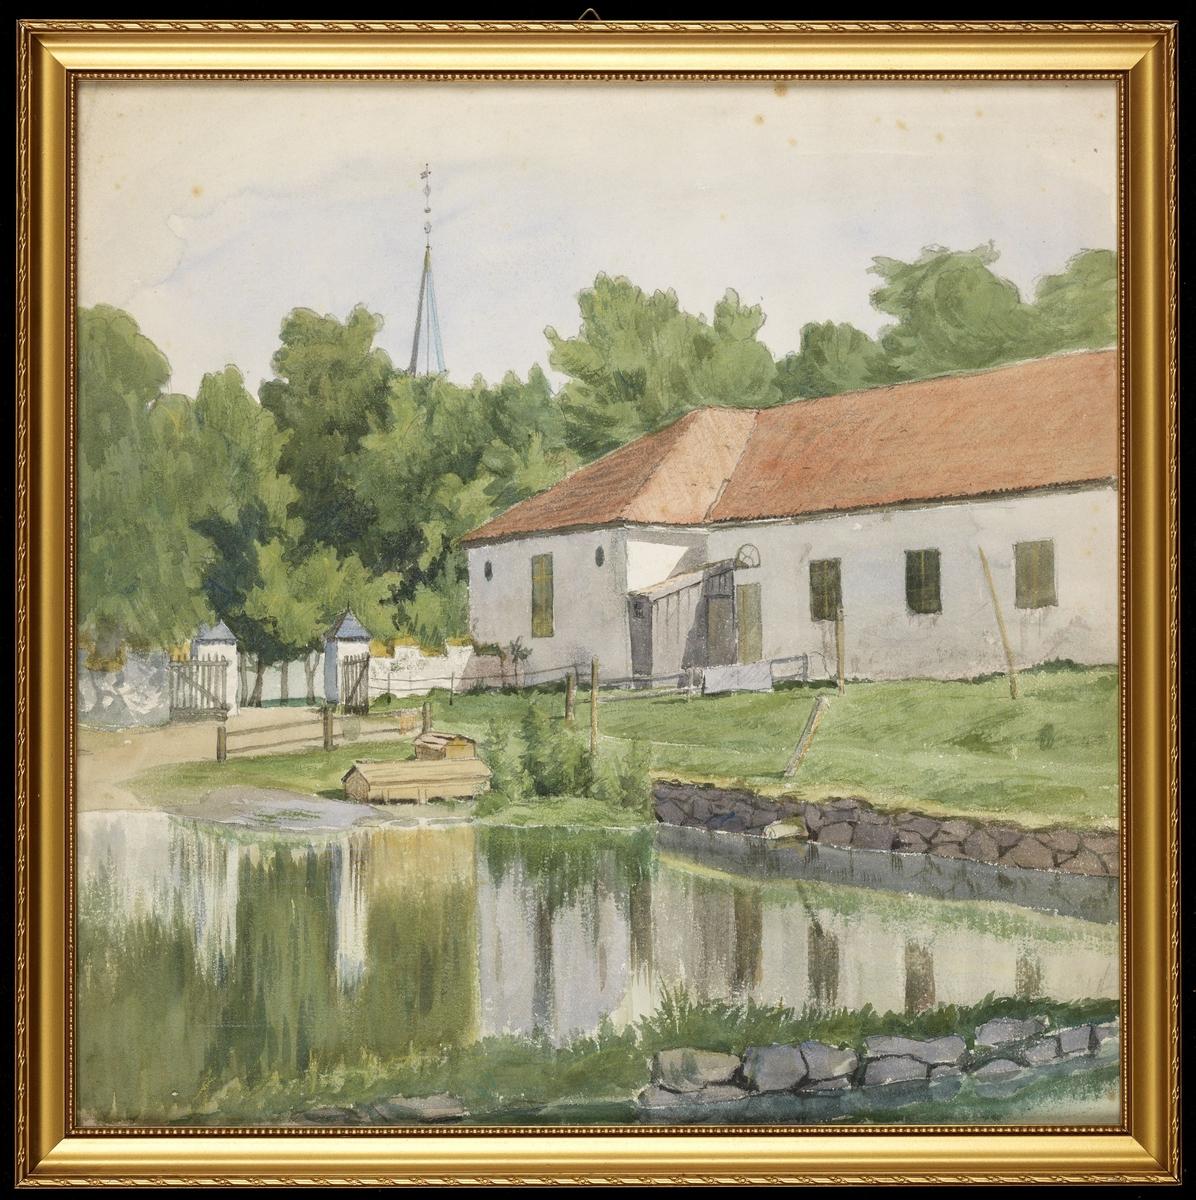 I forgr. dam, i mellomgr. hvitt, 1-etg. murhus, mur m. port, vei, grønne trær